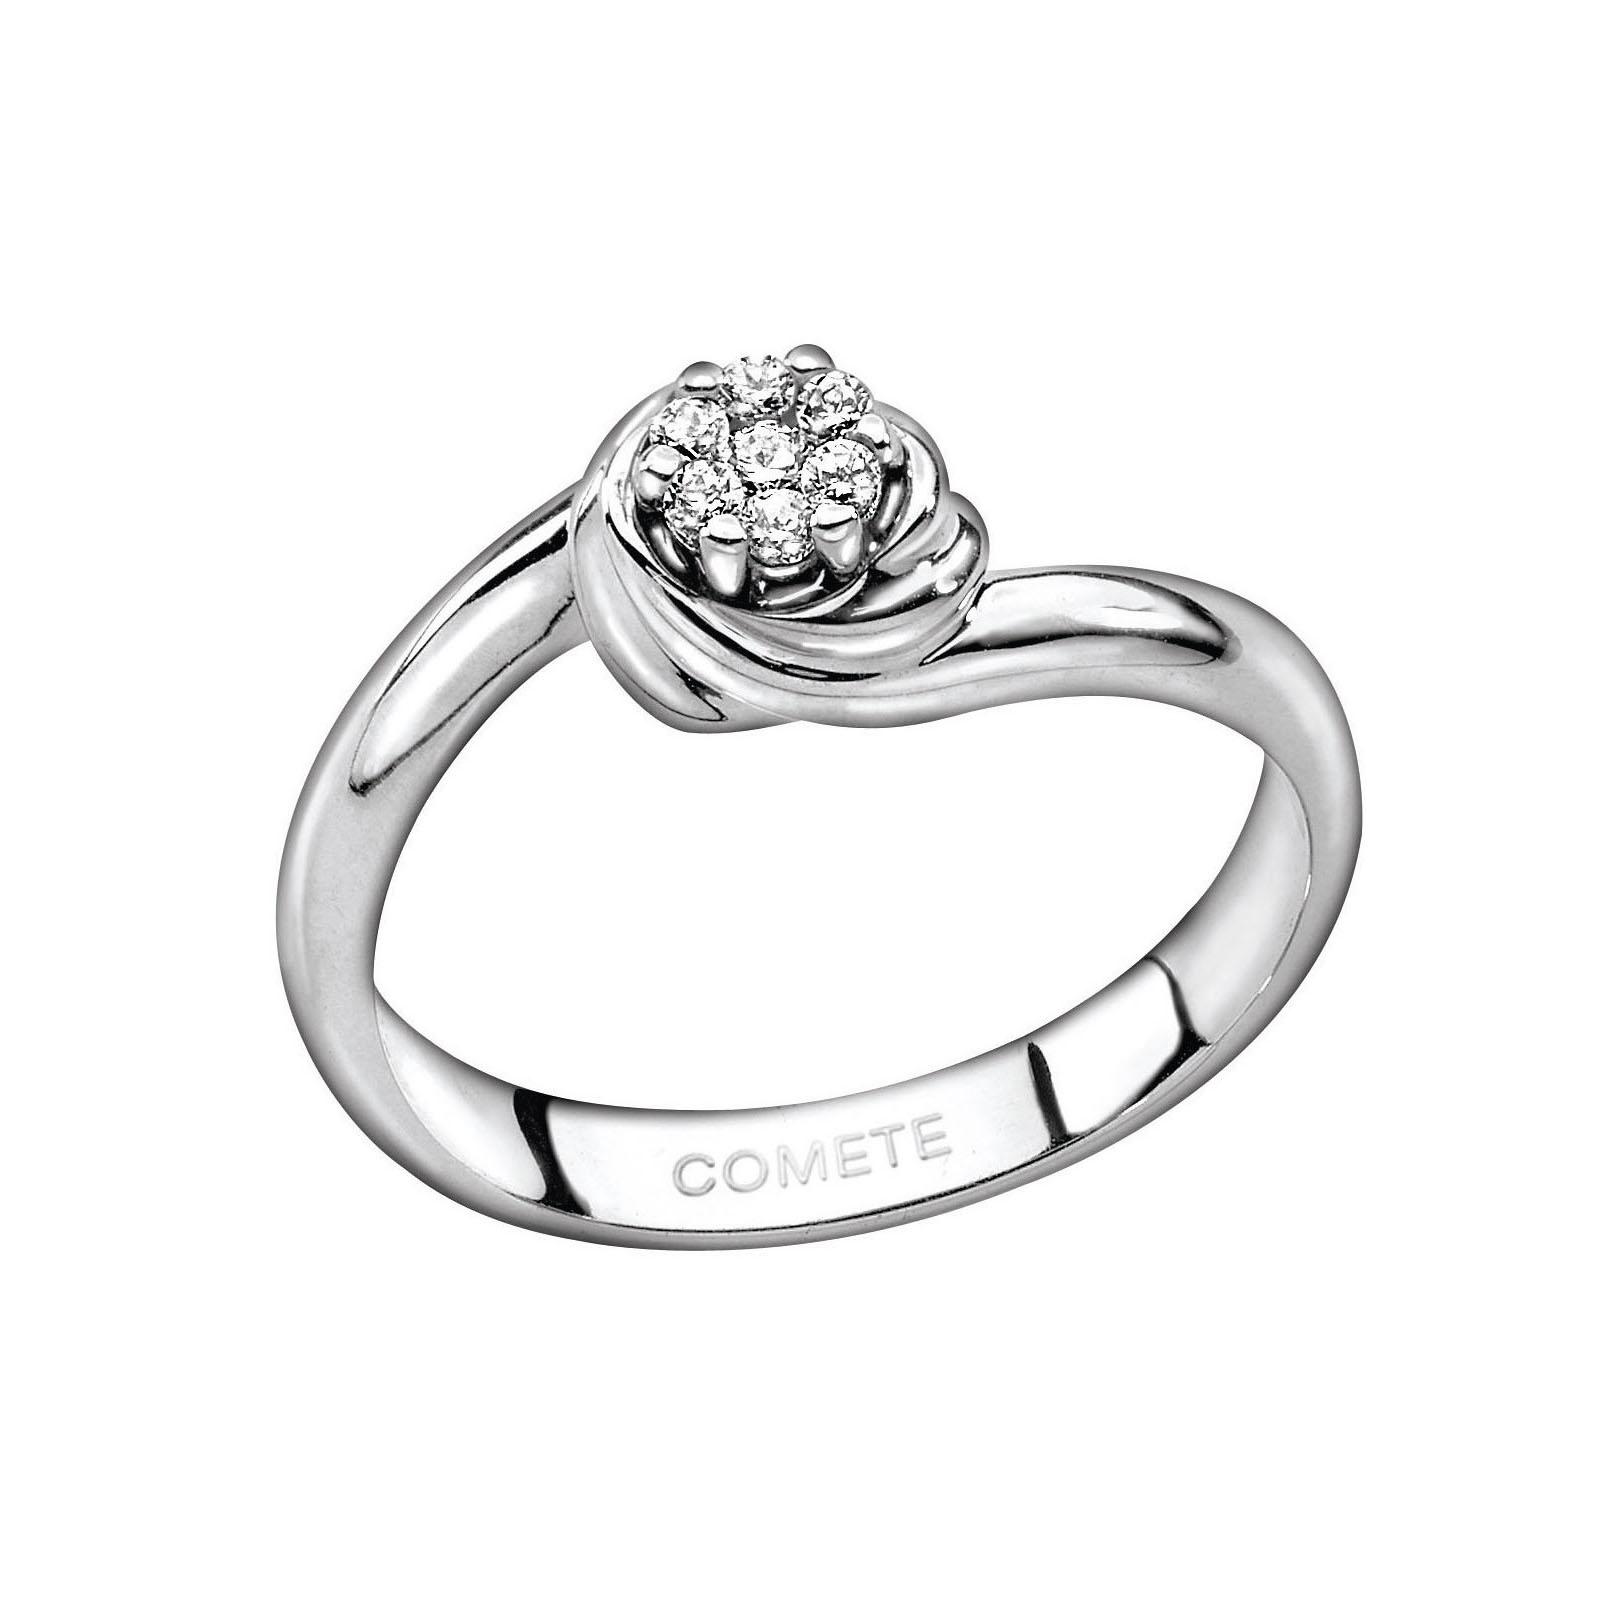 anello solitario comete gioielli oro bianco rosa di diamanti